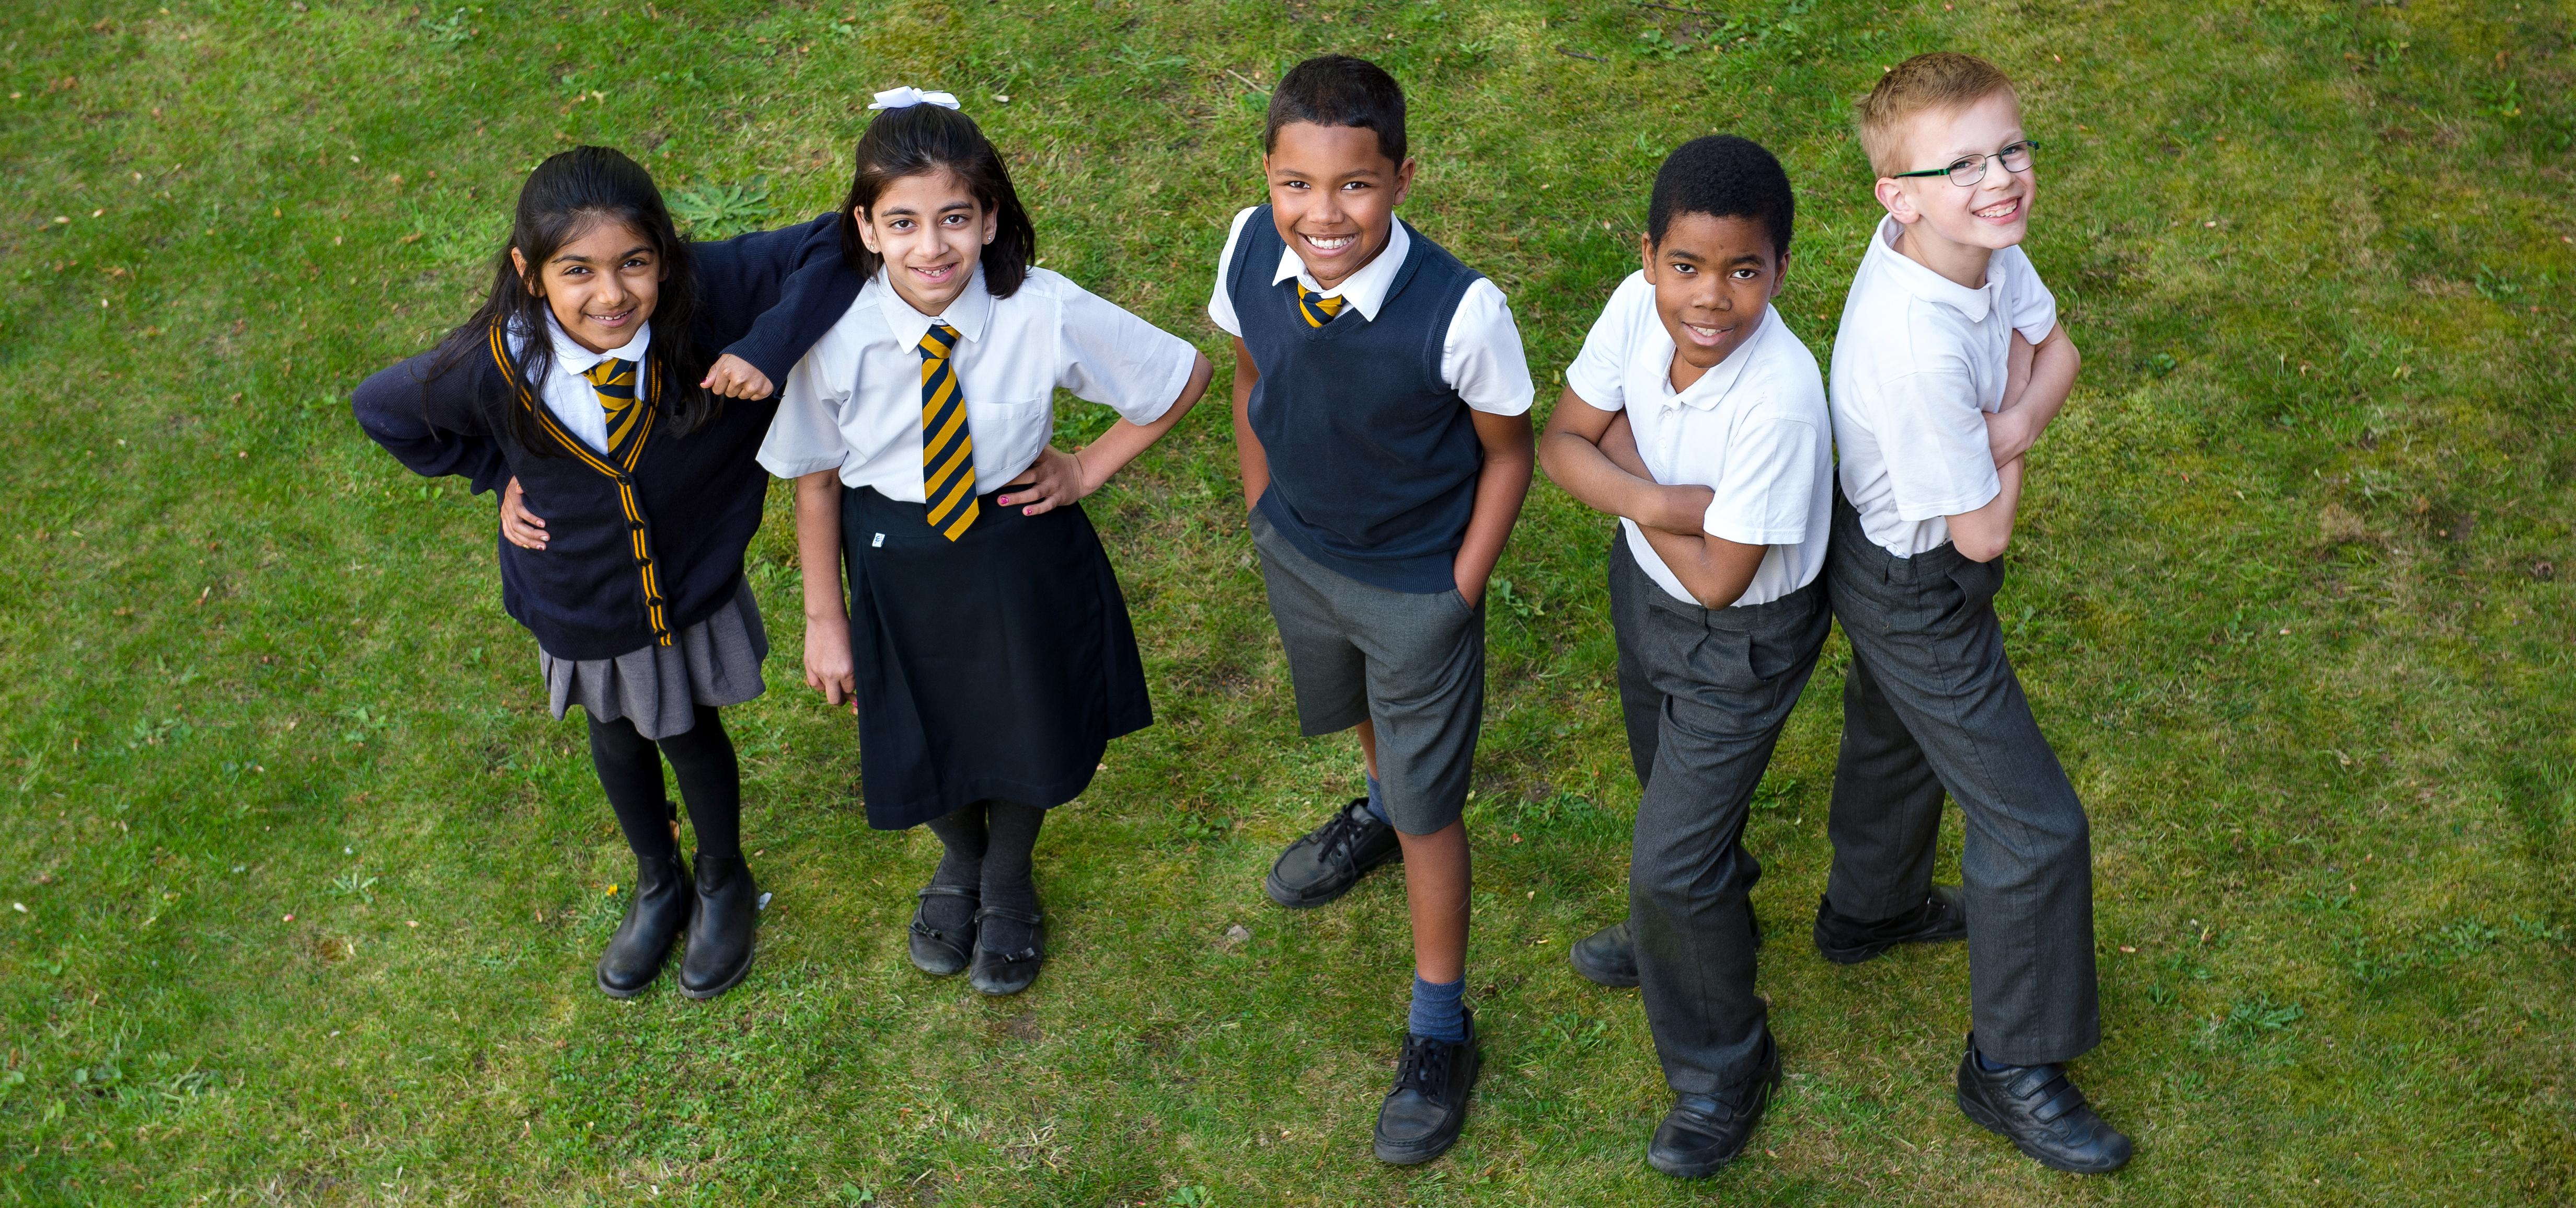 Five children in school uniform